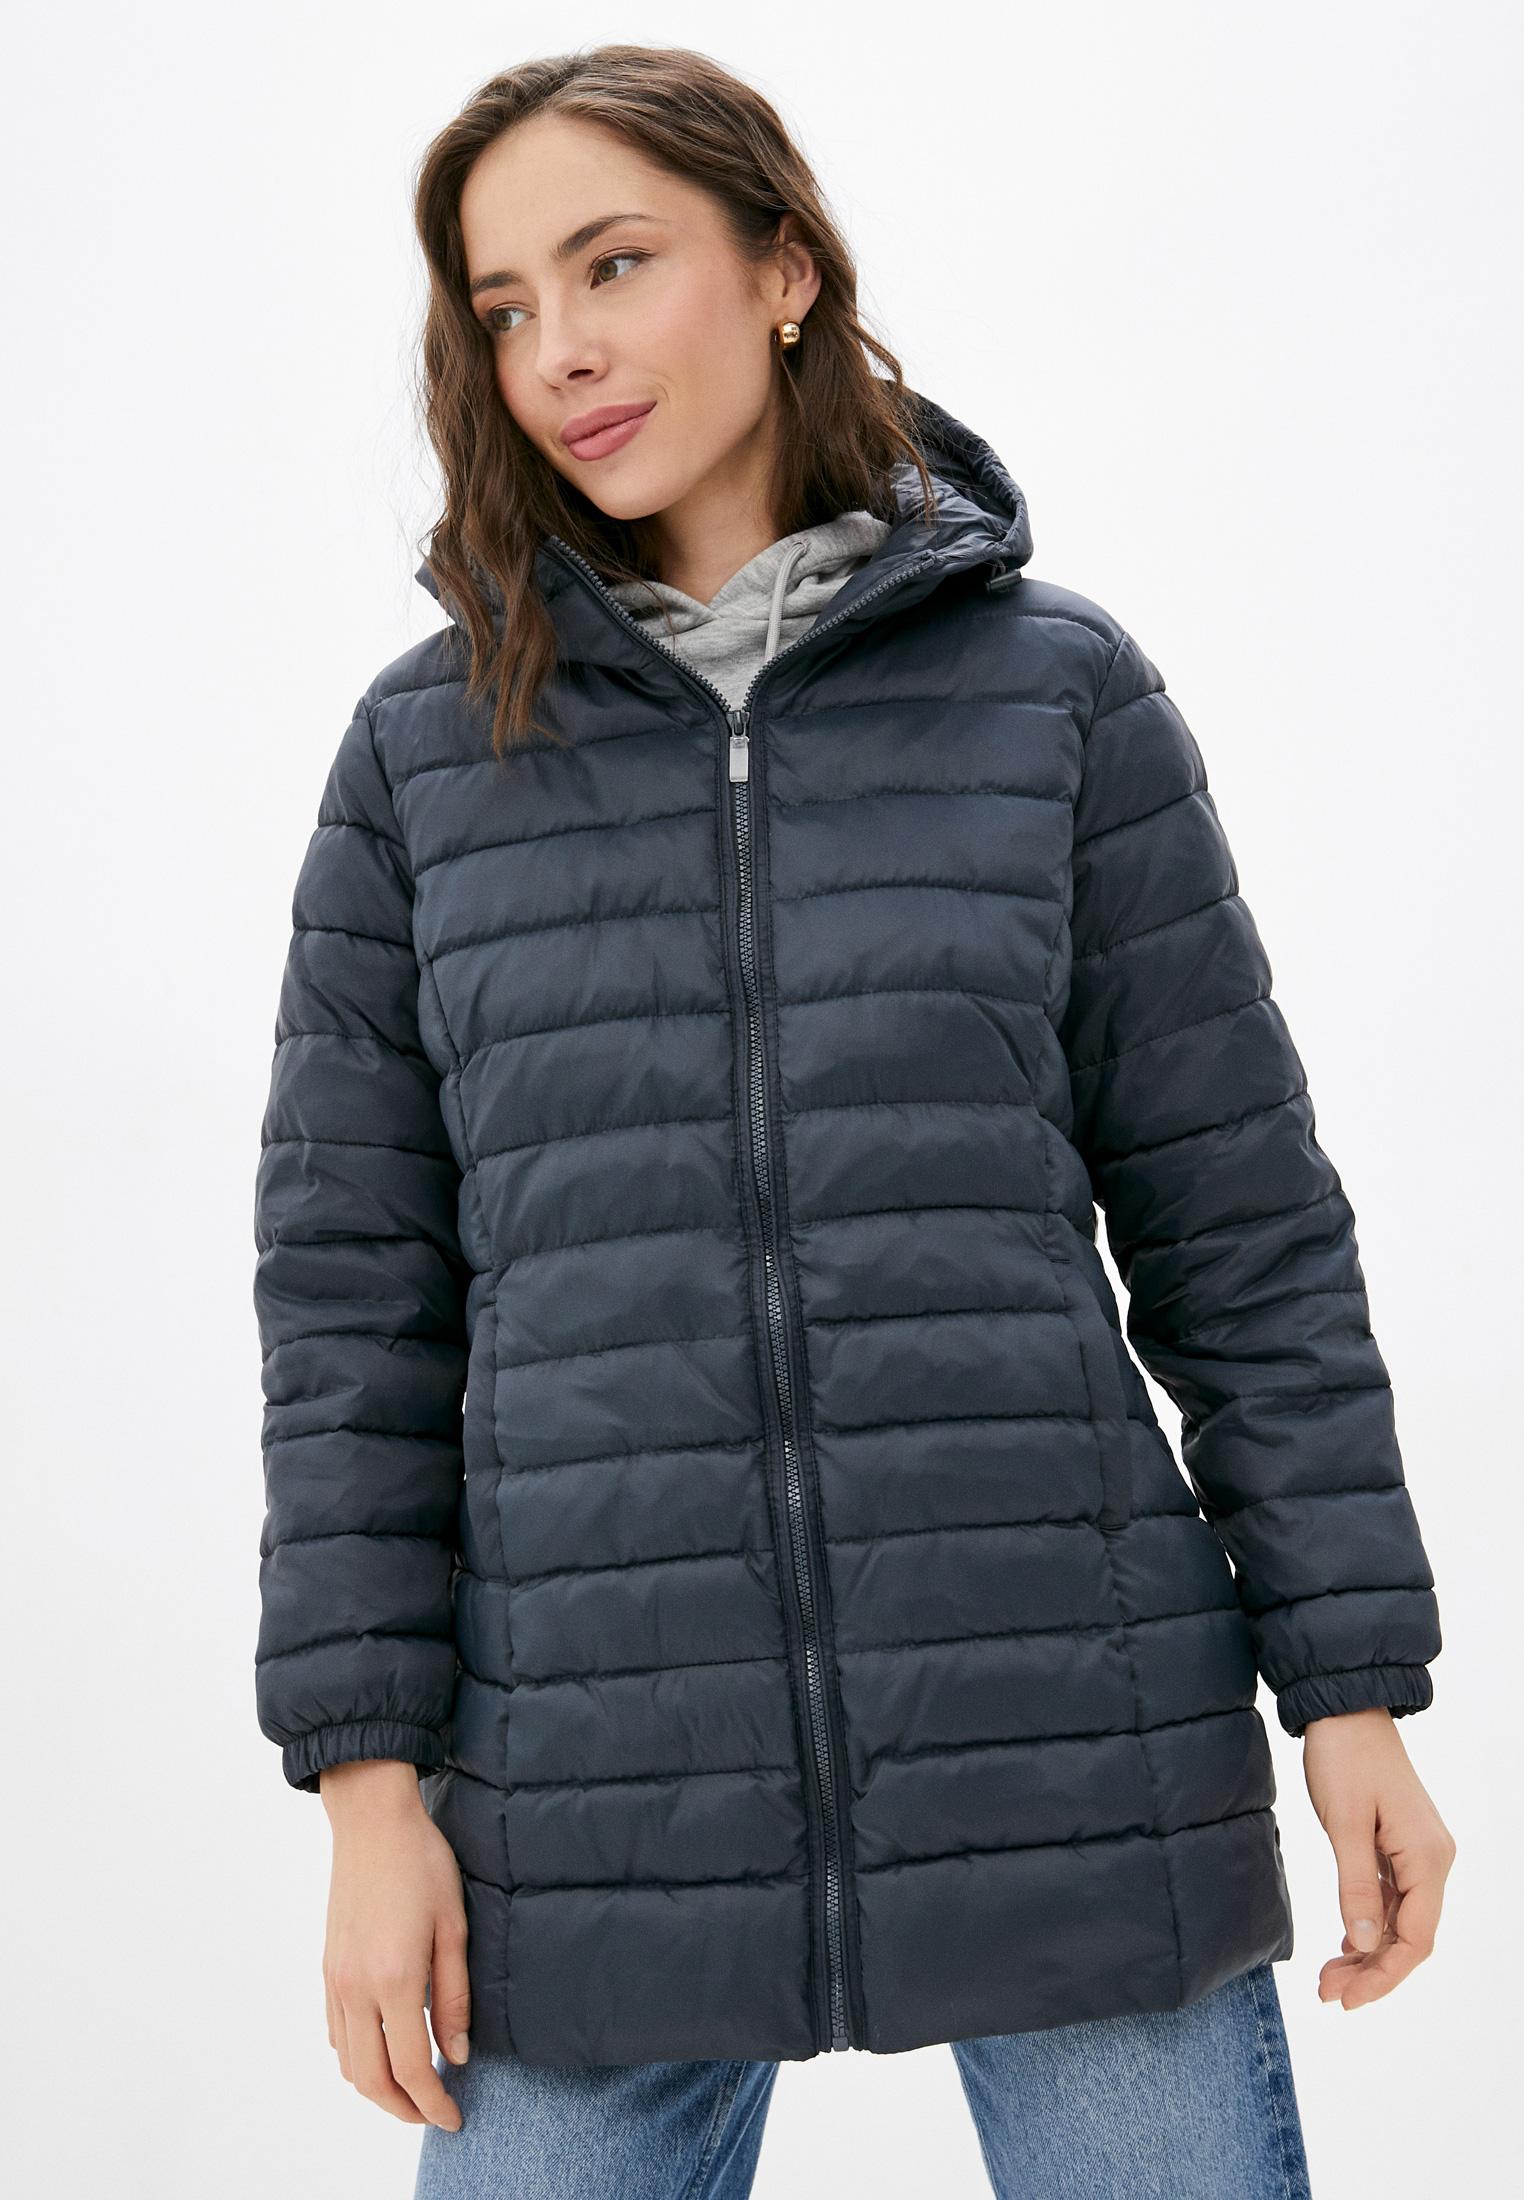 Утепленная куртка Only Carmakoma Куртка утепленная Only Carmakoma